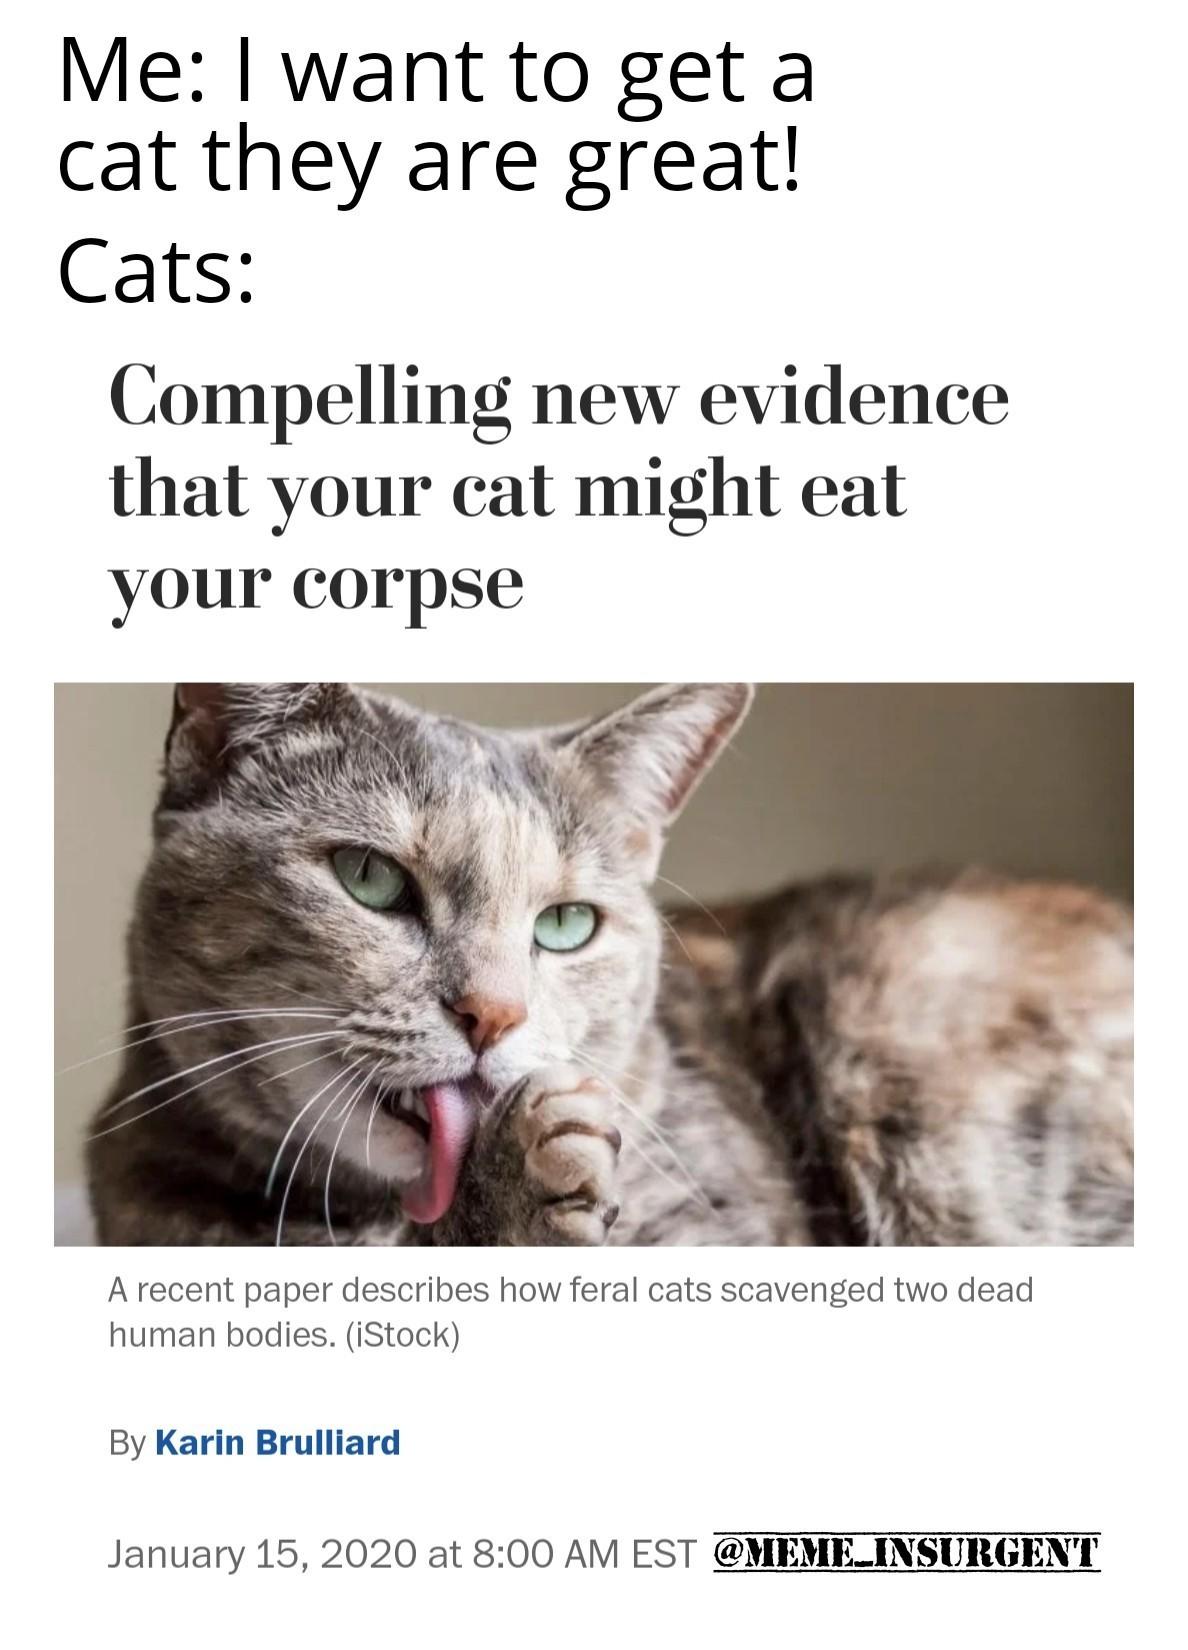 Cats! - meme